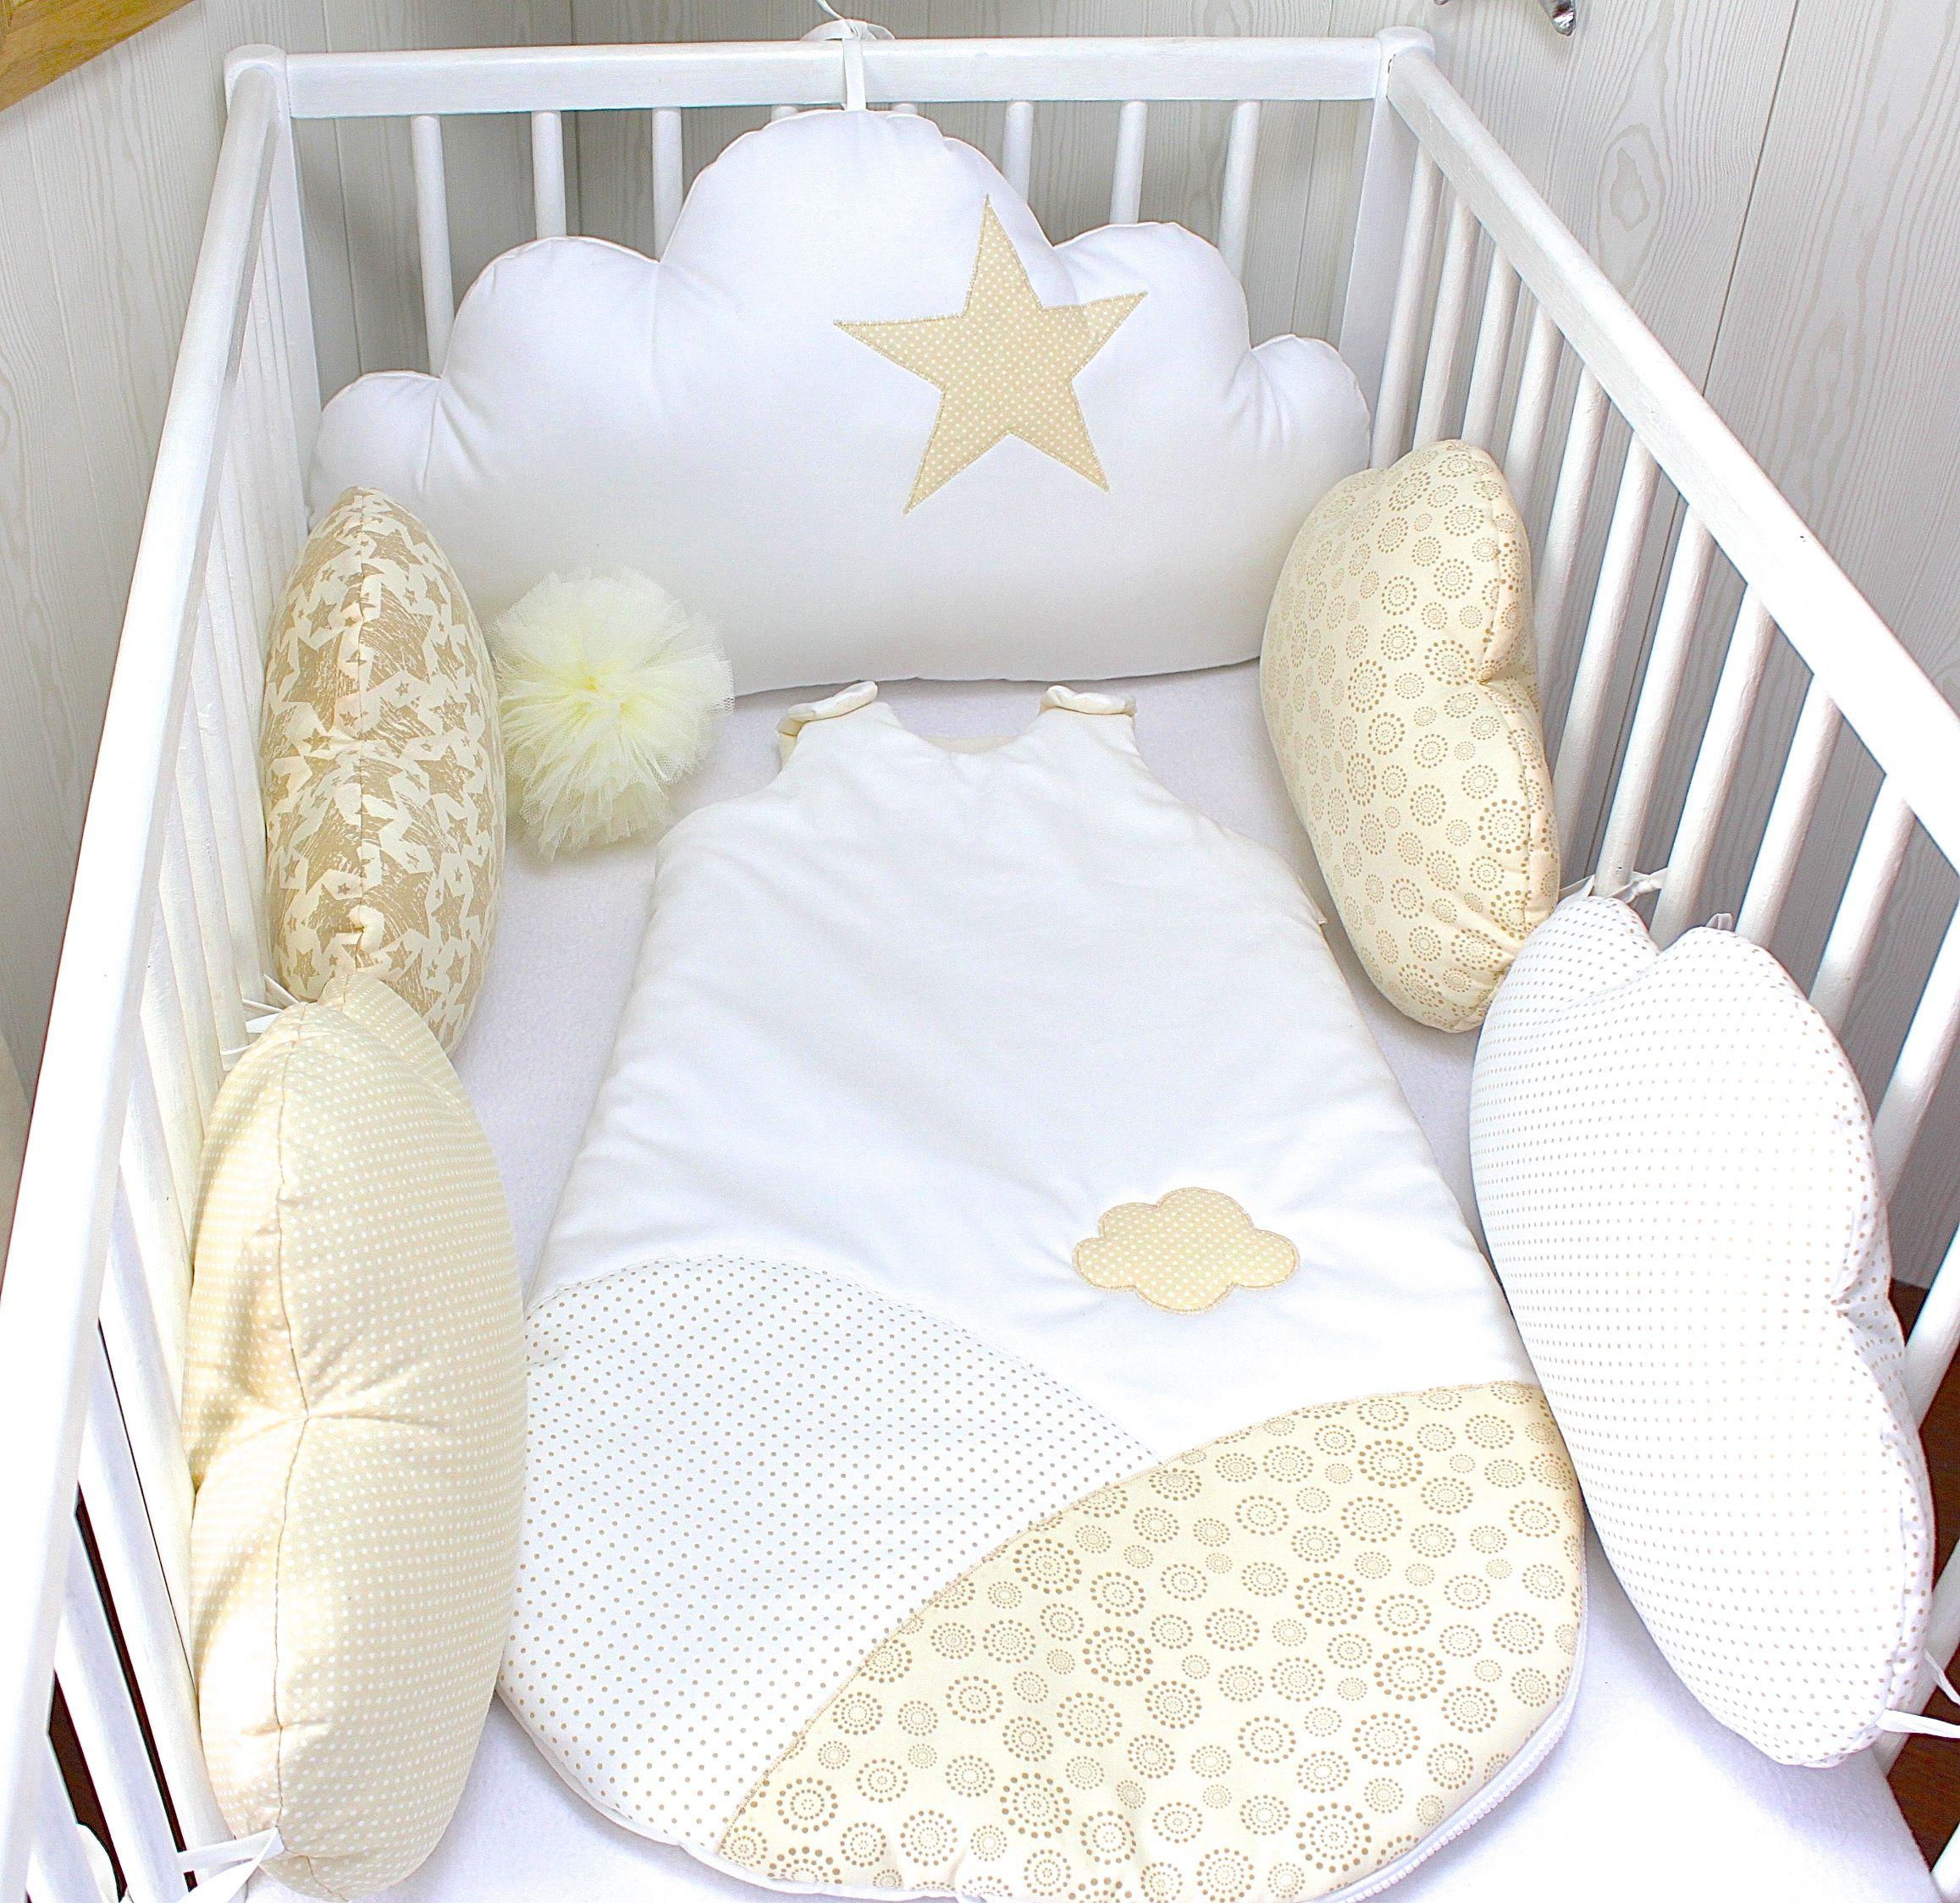 tour de lit b b 60cm large nuages 5 coussins beige blanc et cru toile tour de lit b b. Black Bedroom Furniture Sets. Home Design Ideas